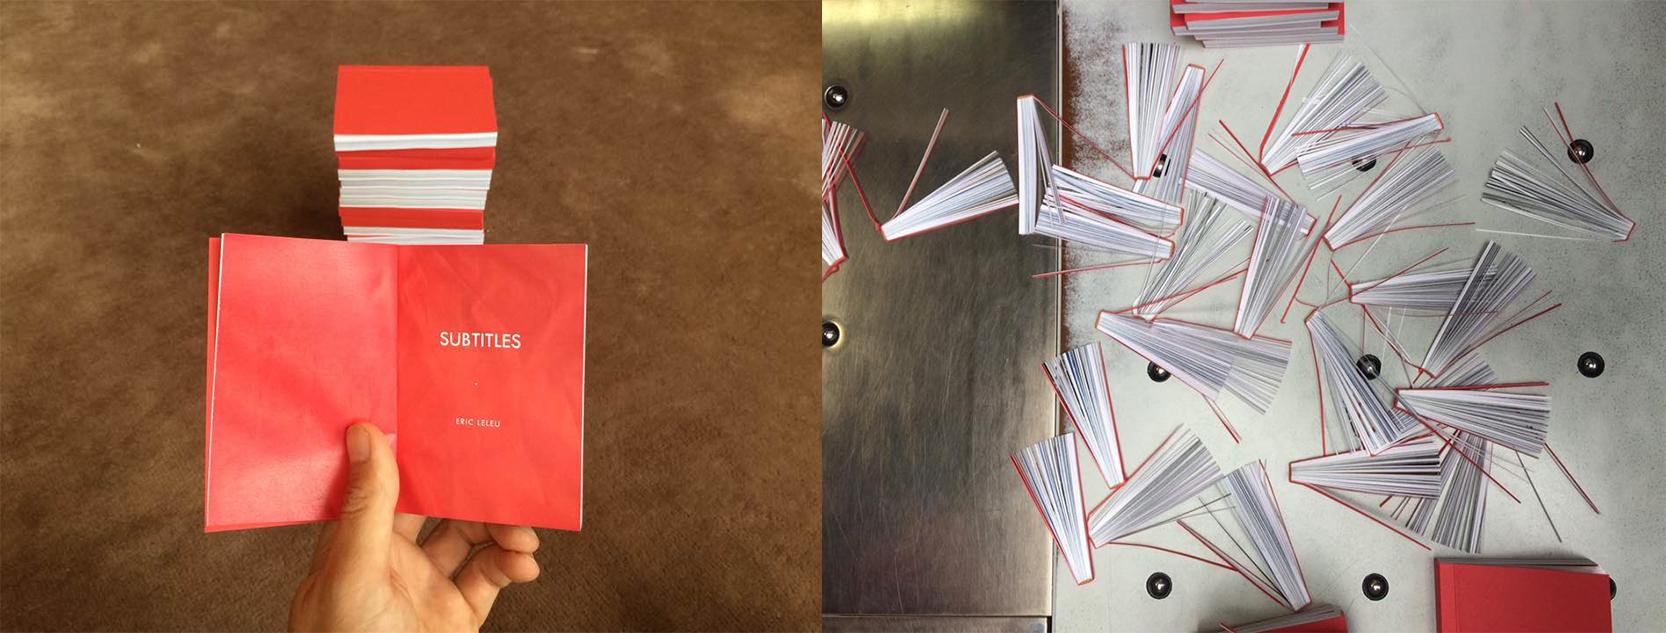 """Eric Leleu's book prototype for his series """"Subtitles"""" in 2017 © Eric Leleu"""